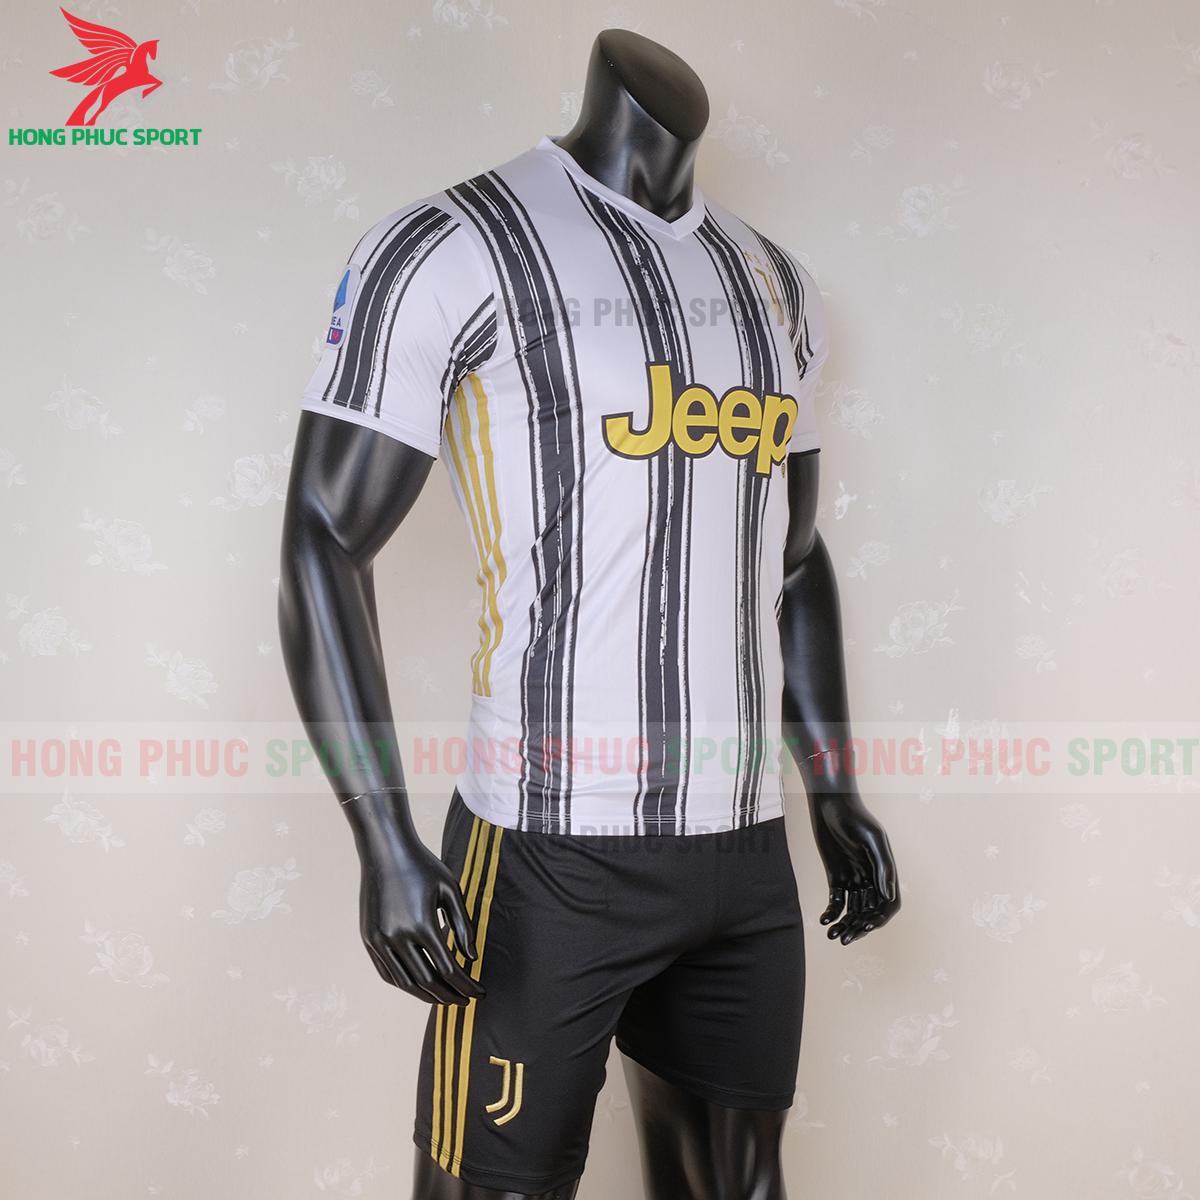 Áo đấu Juventus 2020 sân nhà (phải)